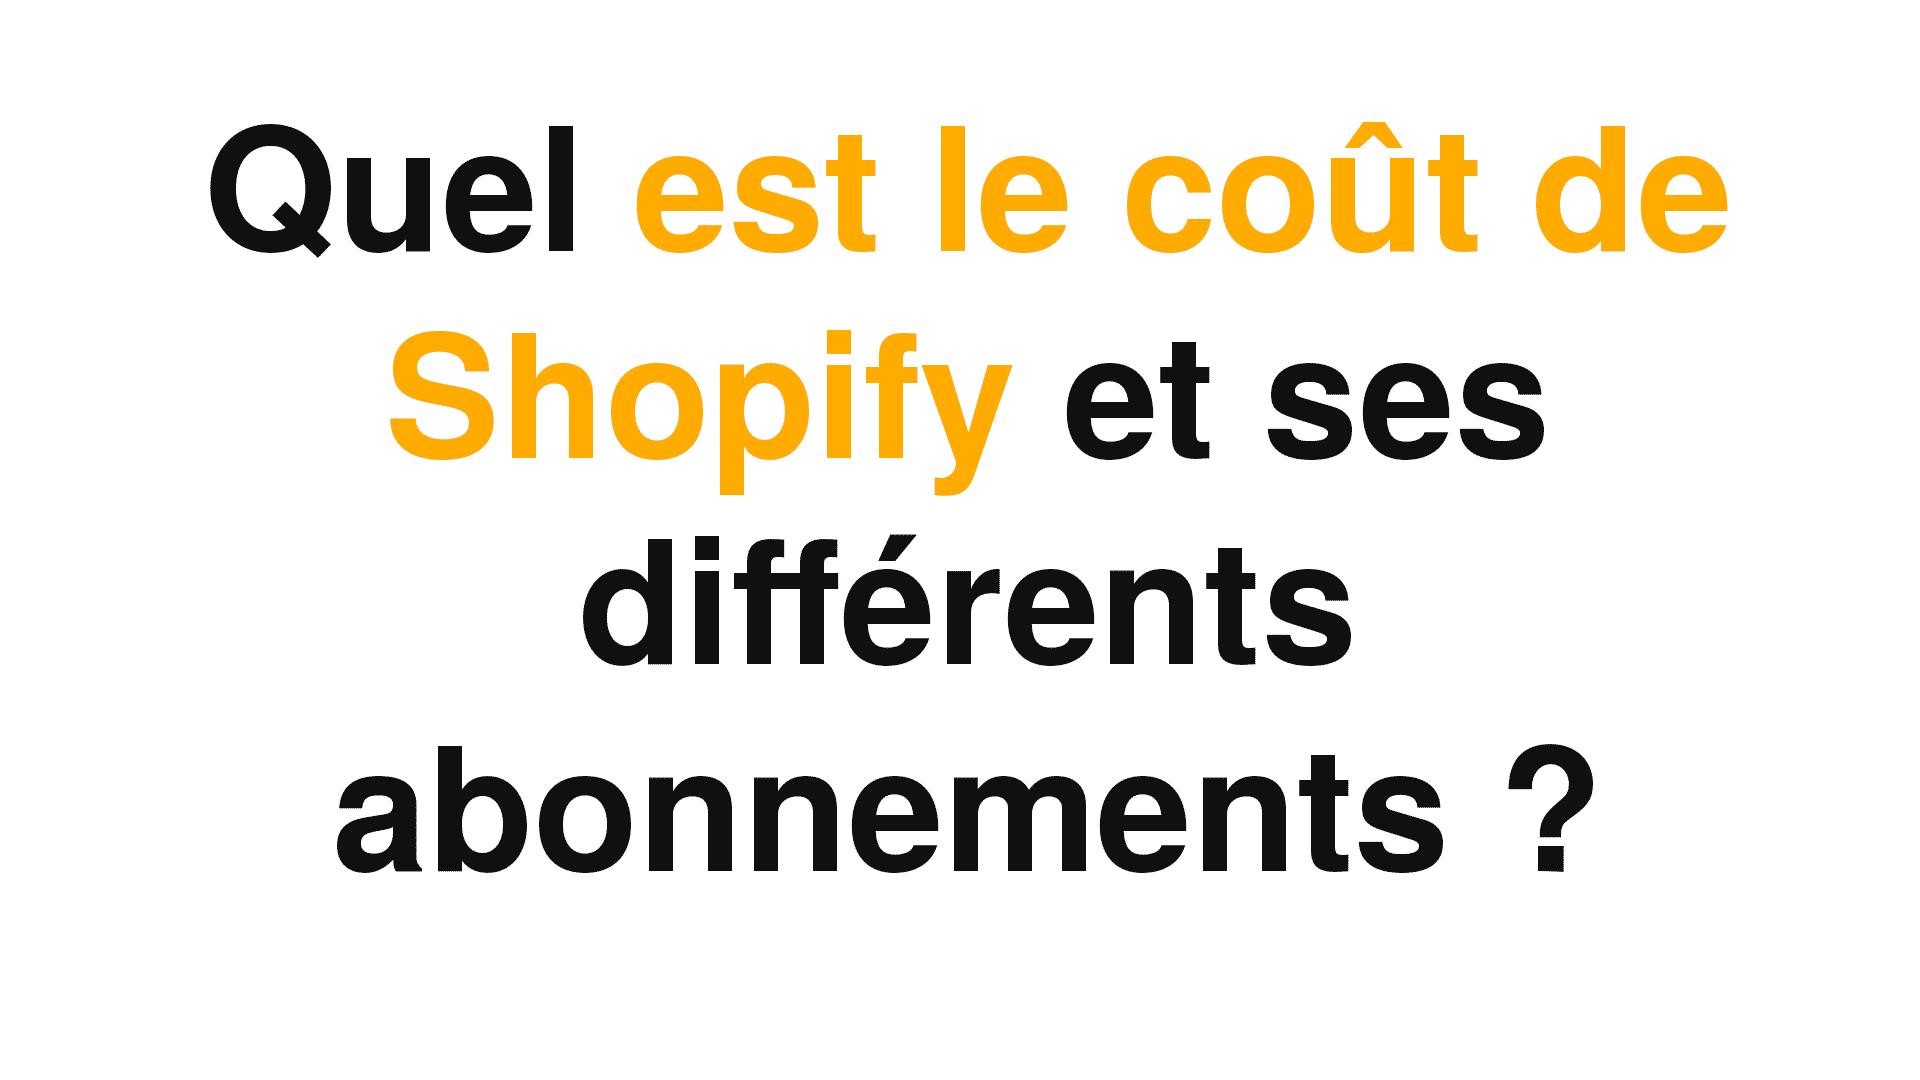 Cette image montre les différences de coûts entre les abonnements de shopify et bien entendu les frais de transaction